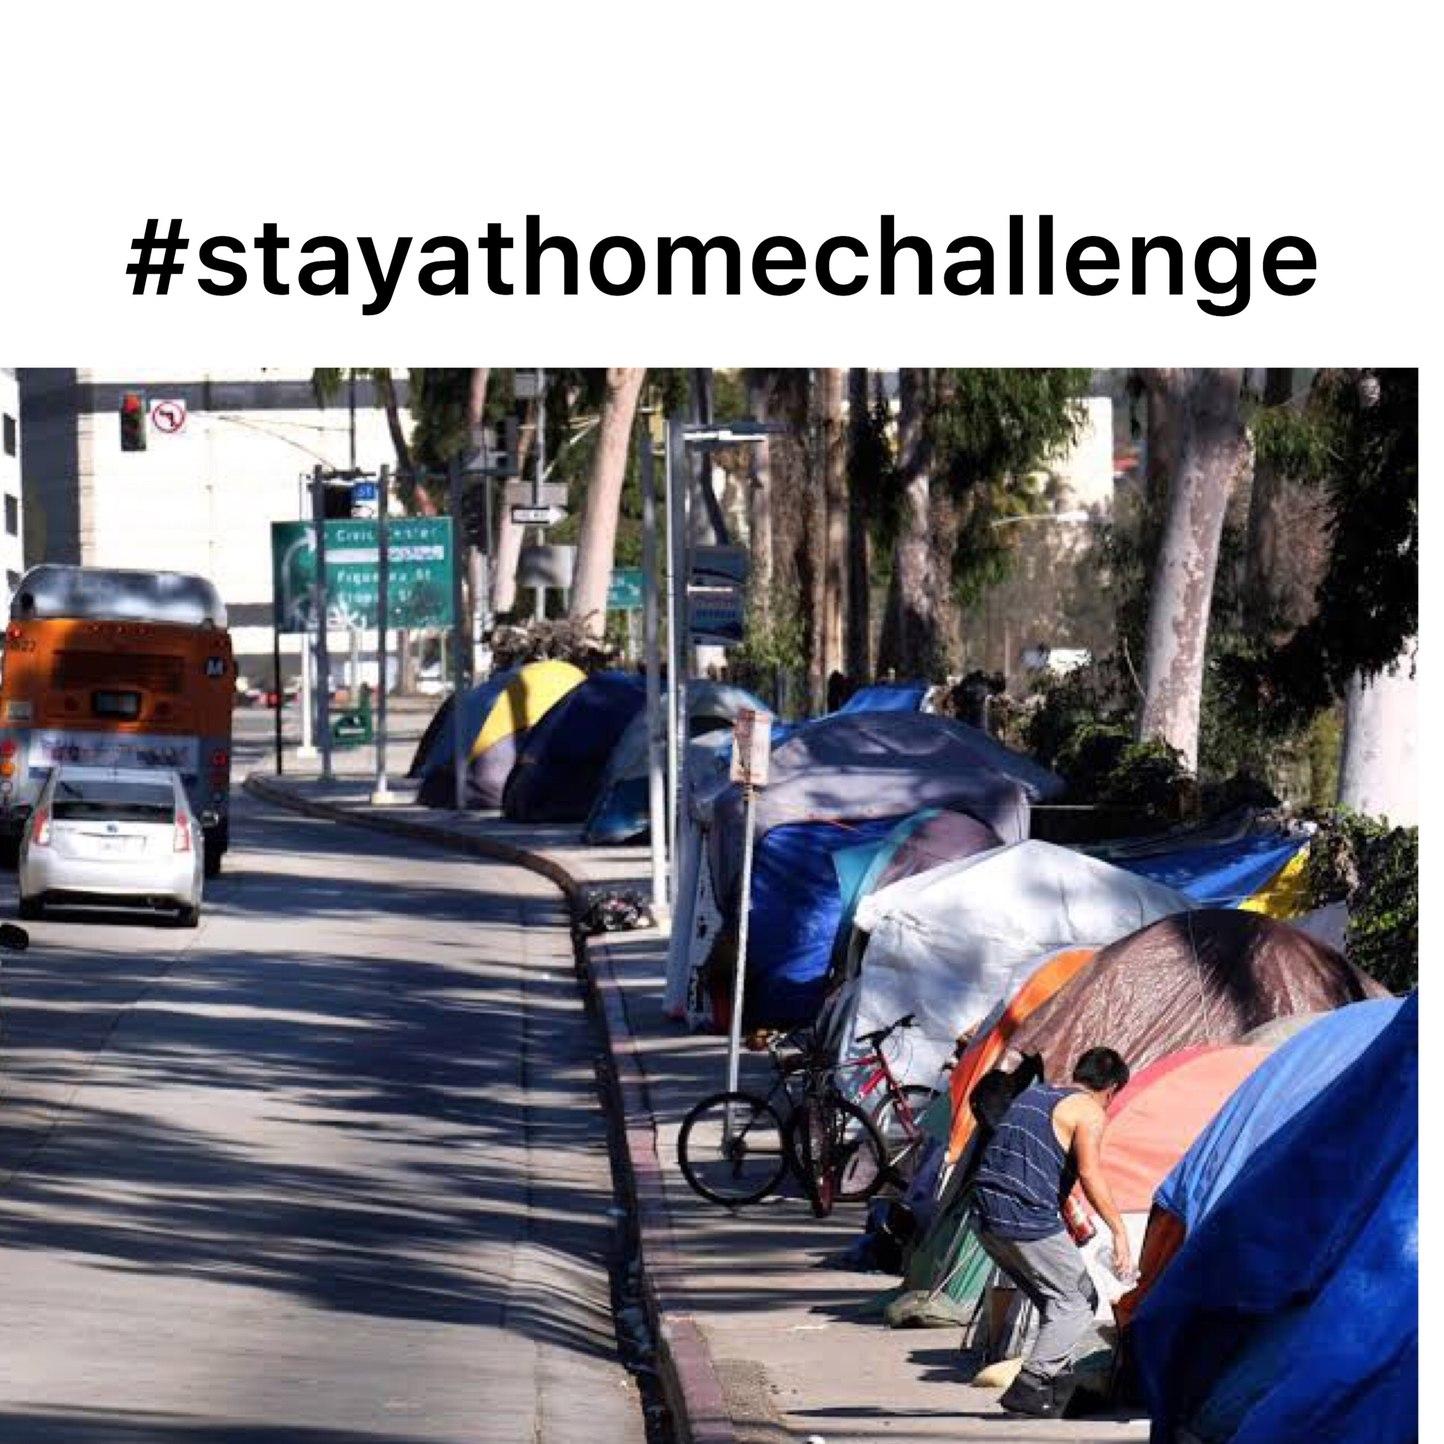 #stayathomechallenge - meme